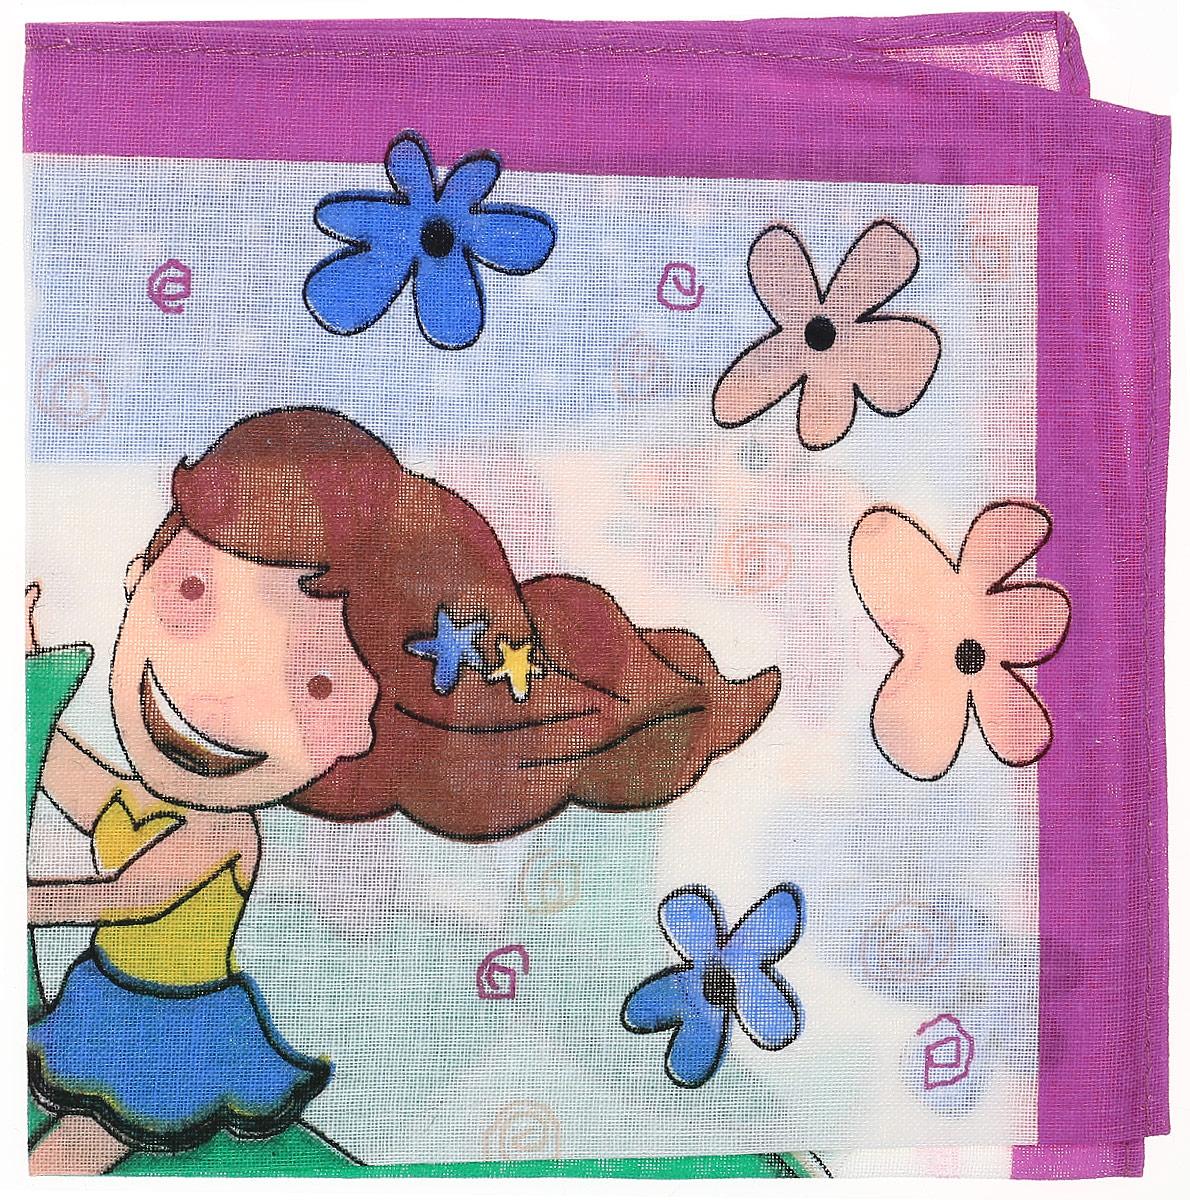 Платок носовой детский Zlata Korunka, цвет: мультиколор, 45453. Размер 27 х 27 см45453_мультиколорДетский носовой платочек Zlata Korunka изготовлен из натурального хлопка, приятен в использовании, хорошо стирается, материал не садится и отлично впитывает влагу. Оформлен платок интересным цветочным принтом с изображением девочки.